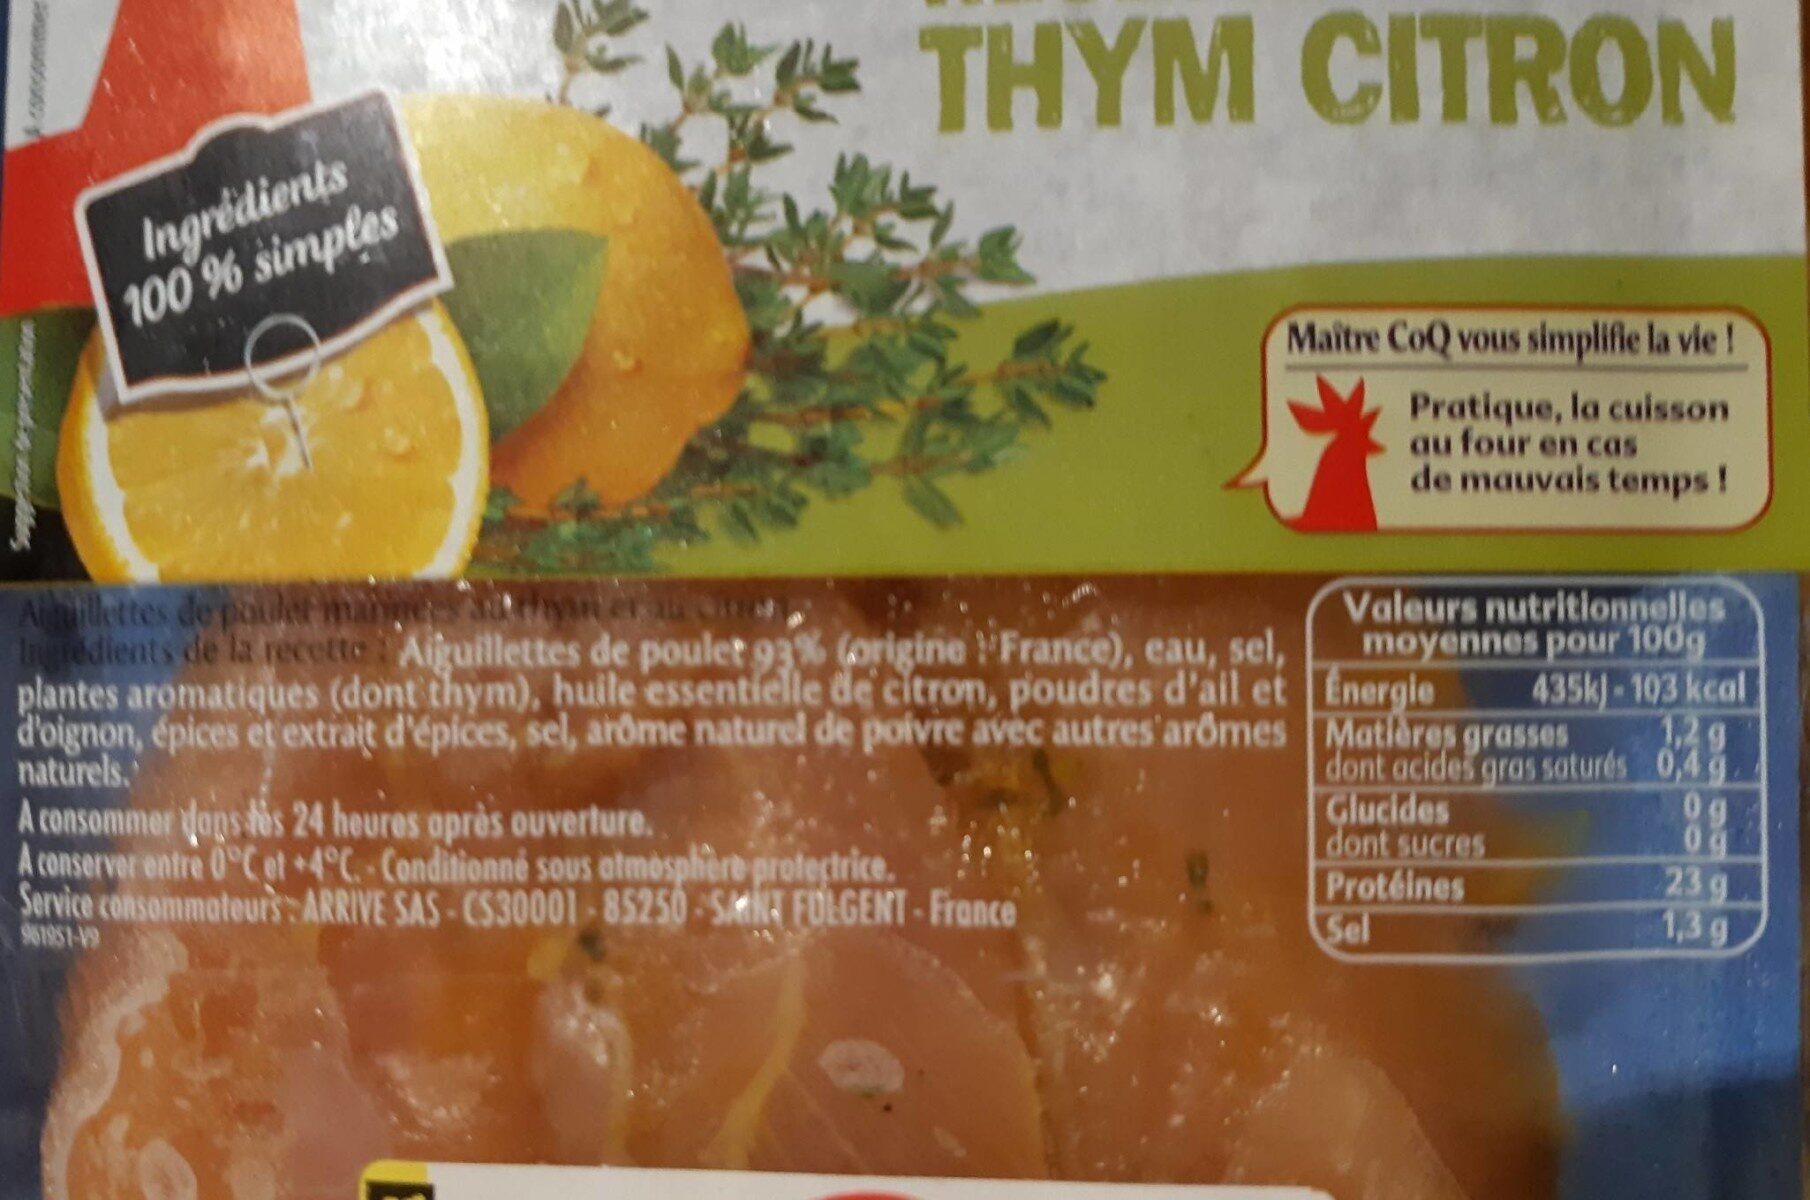 Aiguillettes de poulet recette thym citron - Nutrition facts - fr